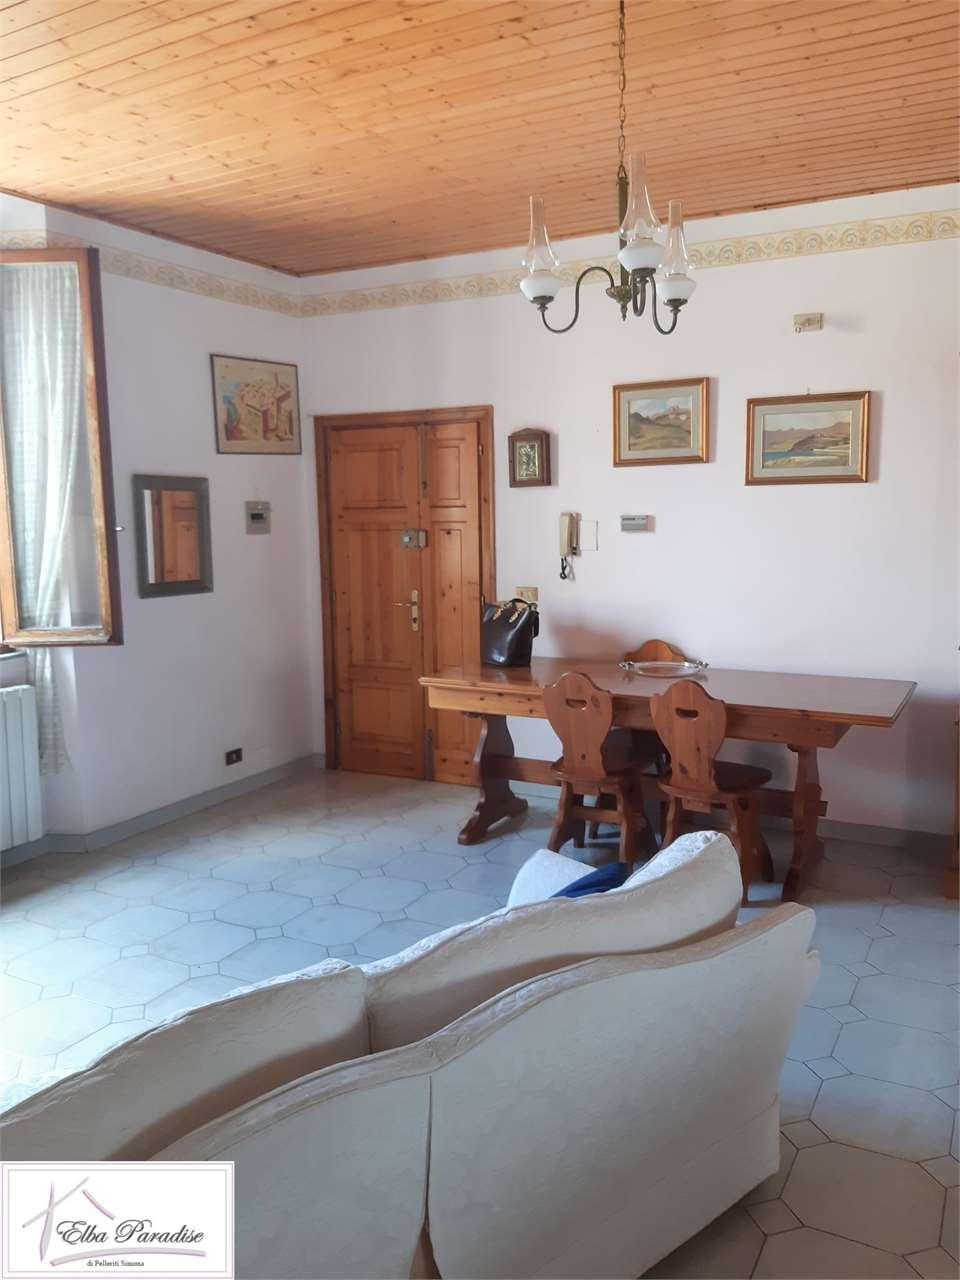 Attico / Mansarda in vendita a Portoferraio, 5 locali, zona Località: Zona Centrale, prezzo € 300.000   PortaleAgenzieImmobiliari.it